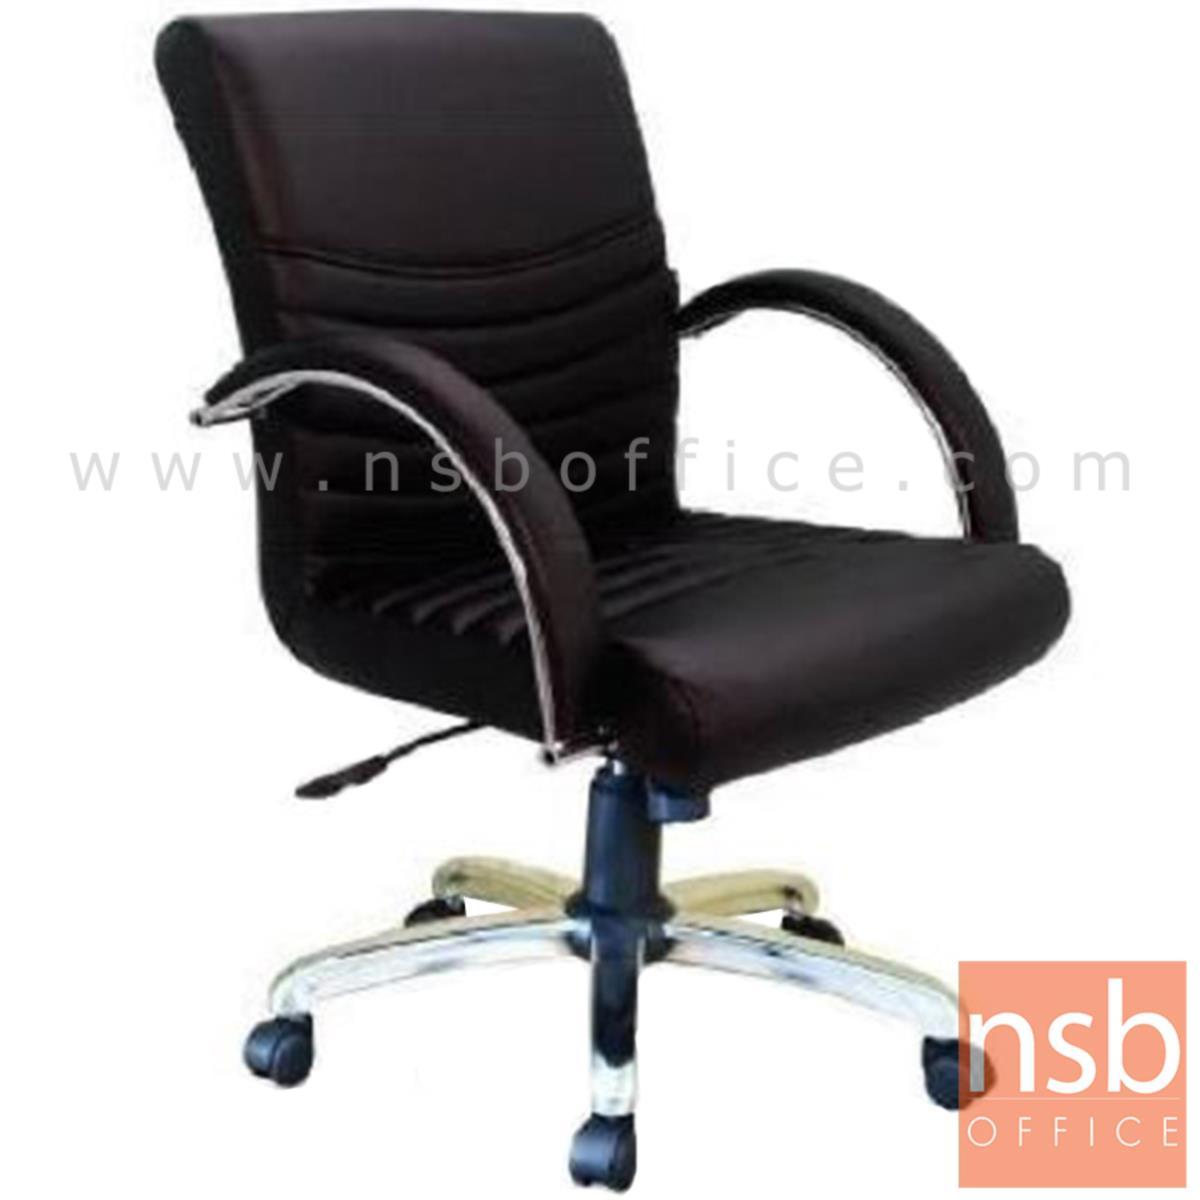 B03A300:เก้าอี้สำนักงาน รุ่น CH-K600CL  โช๊คแก๊ส มีก้อนโยก ขาเหล็กชุบโครเมี่ยม